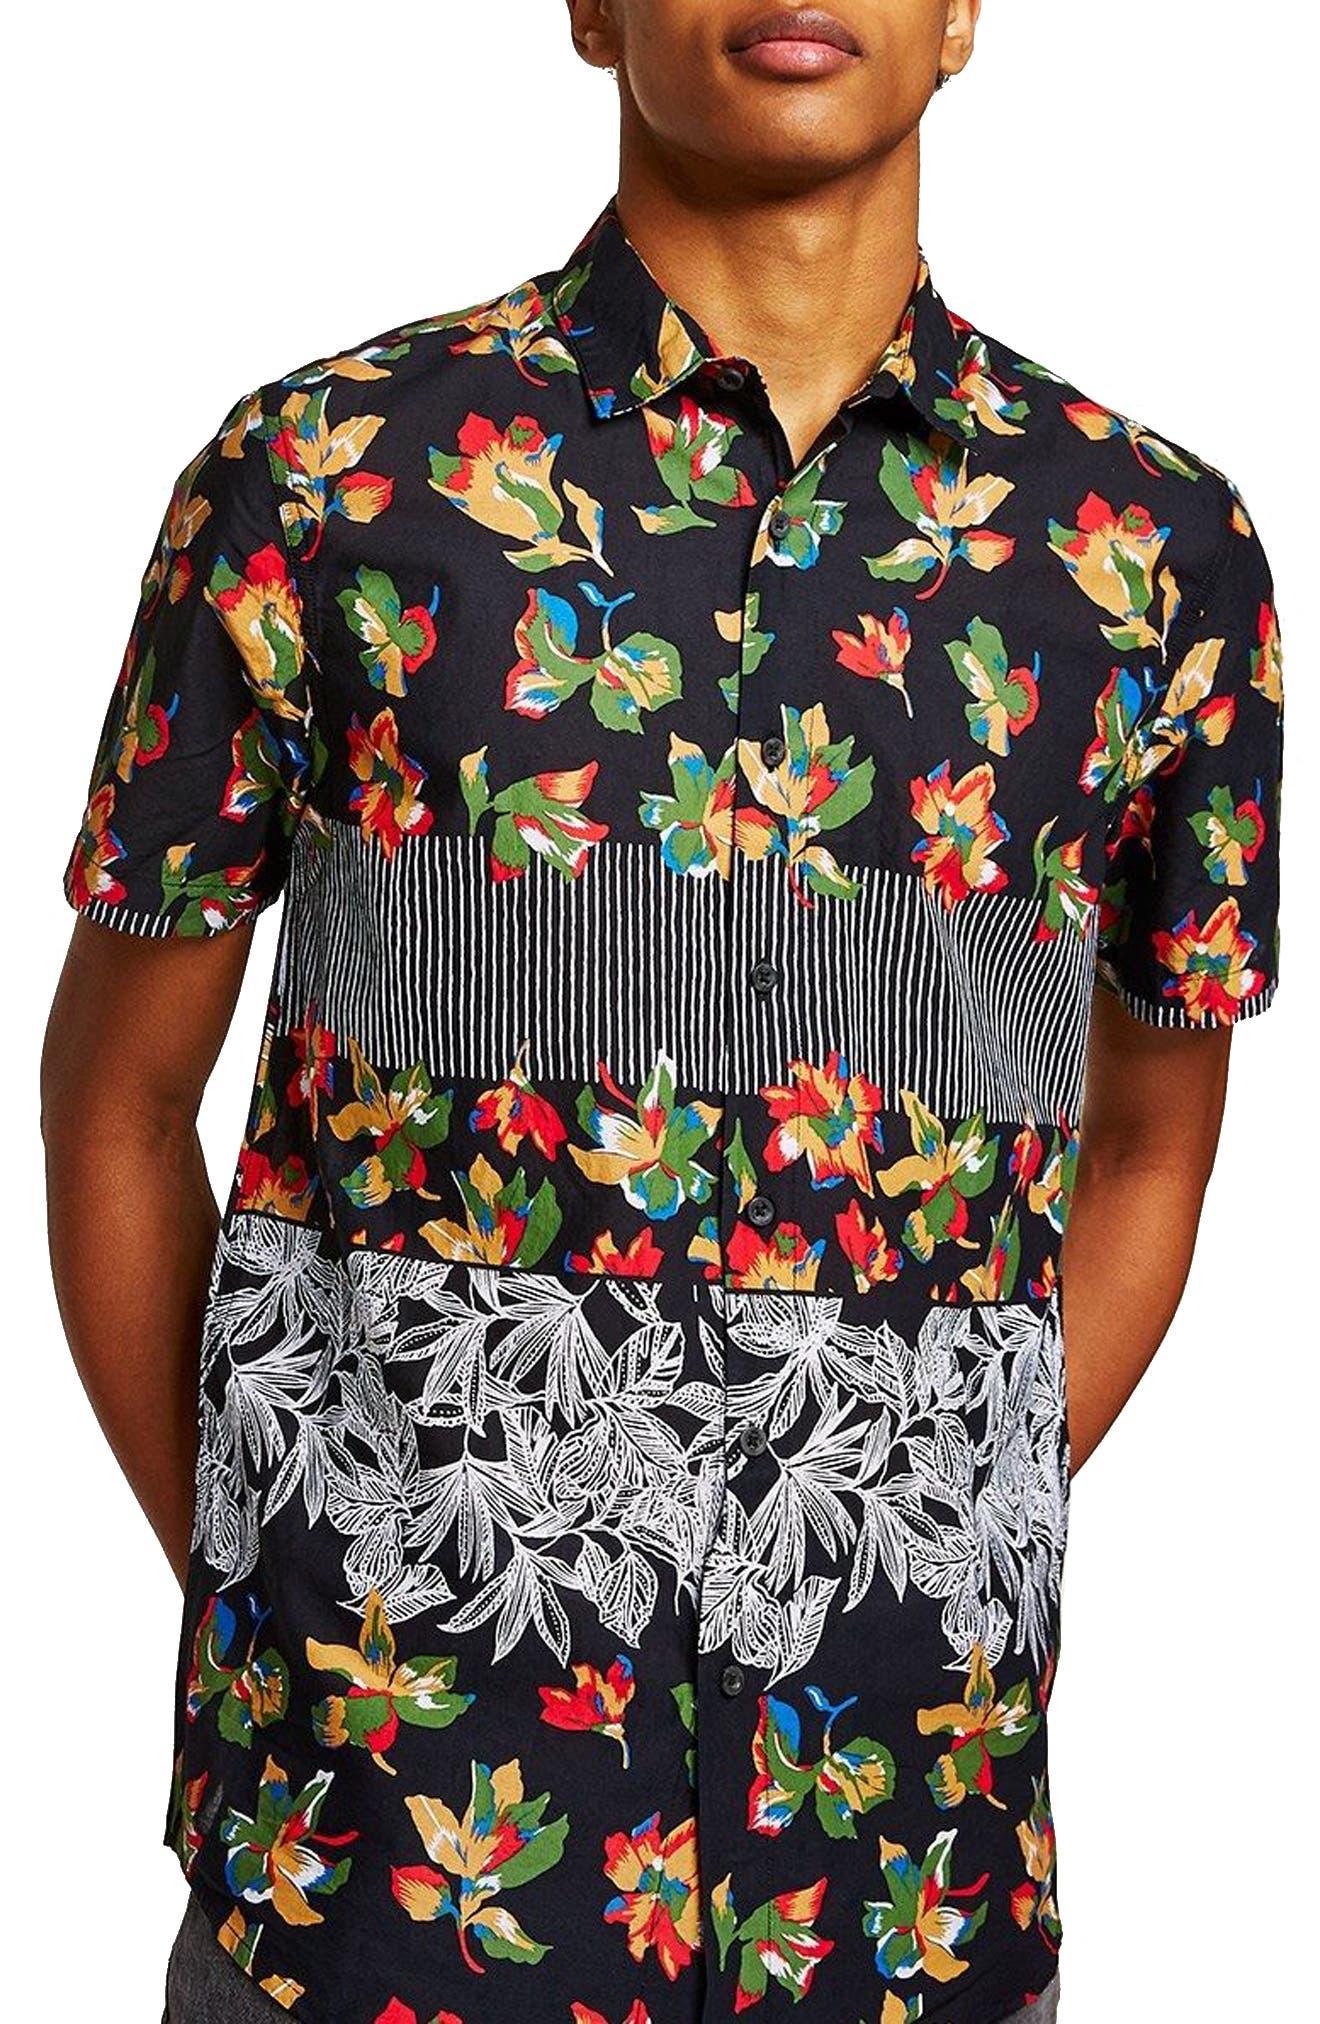 Multi Print Shirt,                             Main thumbnail 1, color,                             Black Multi